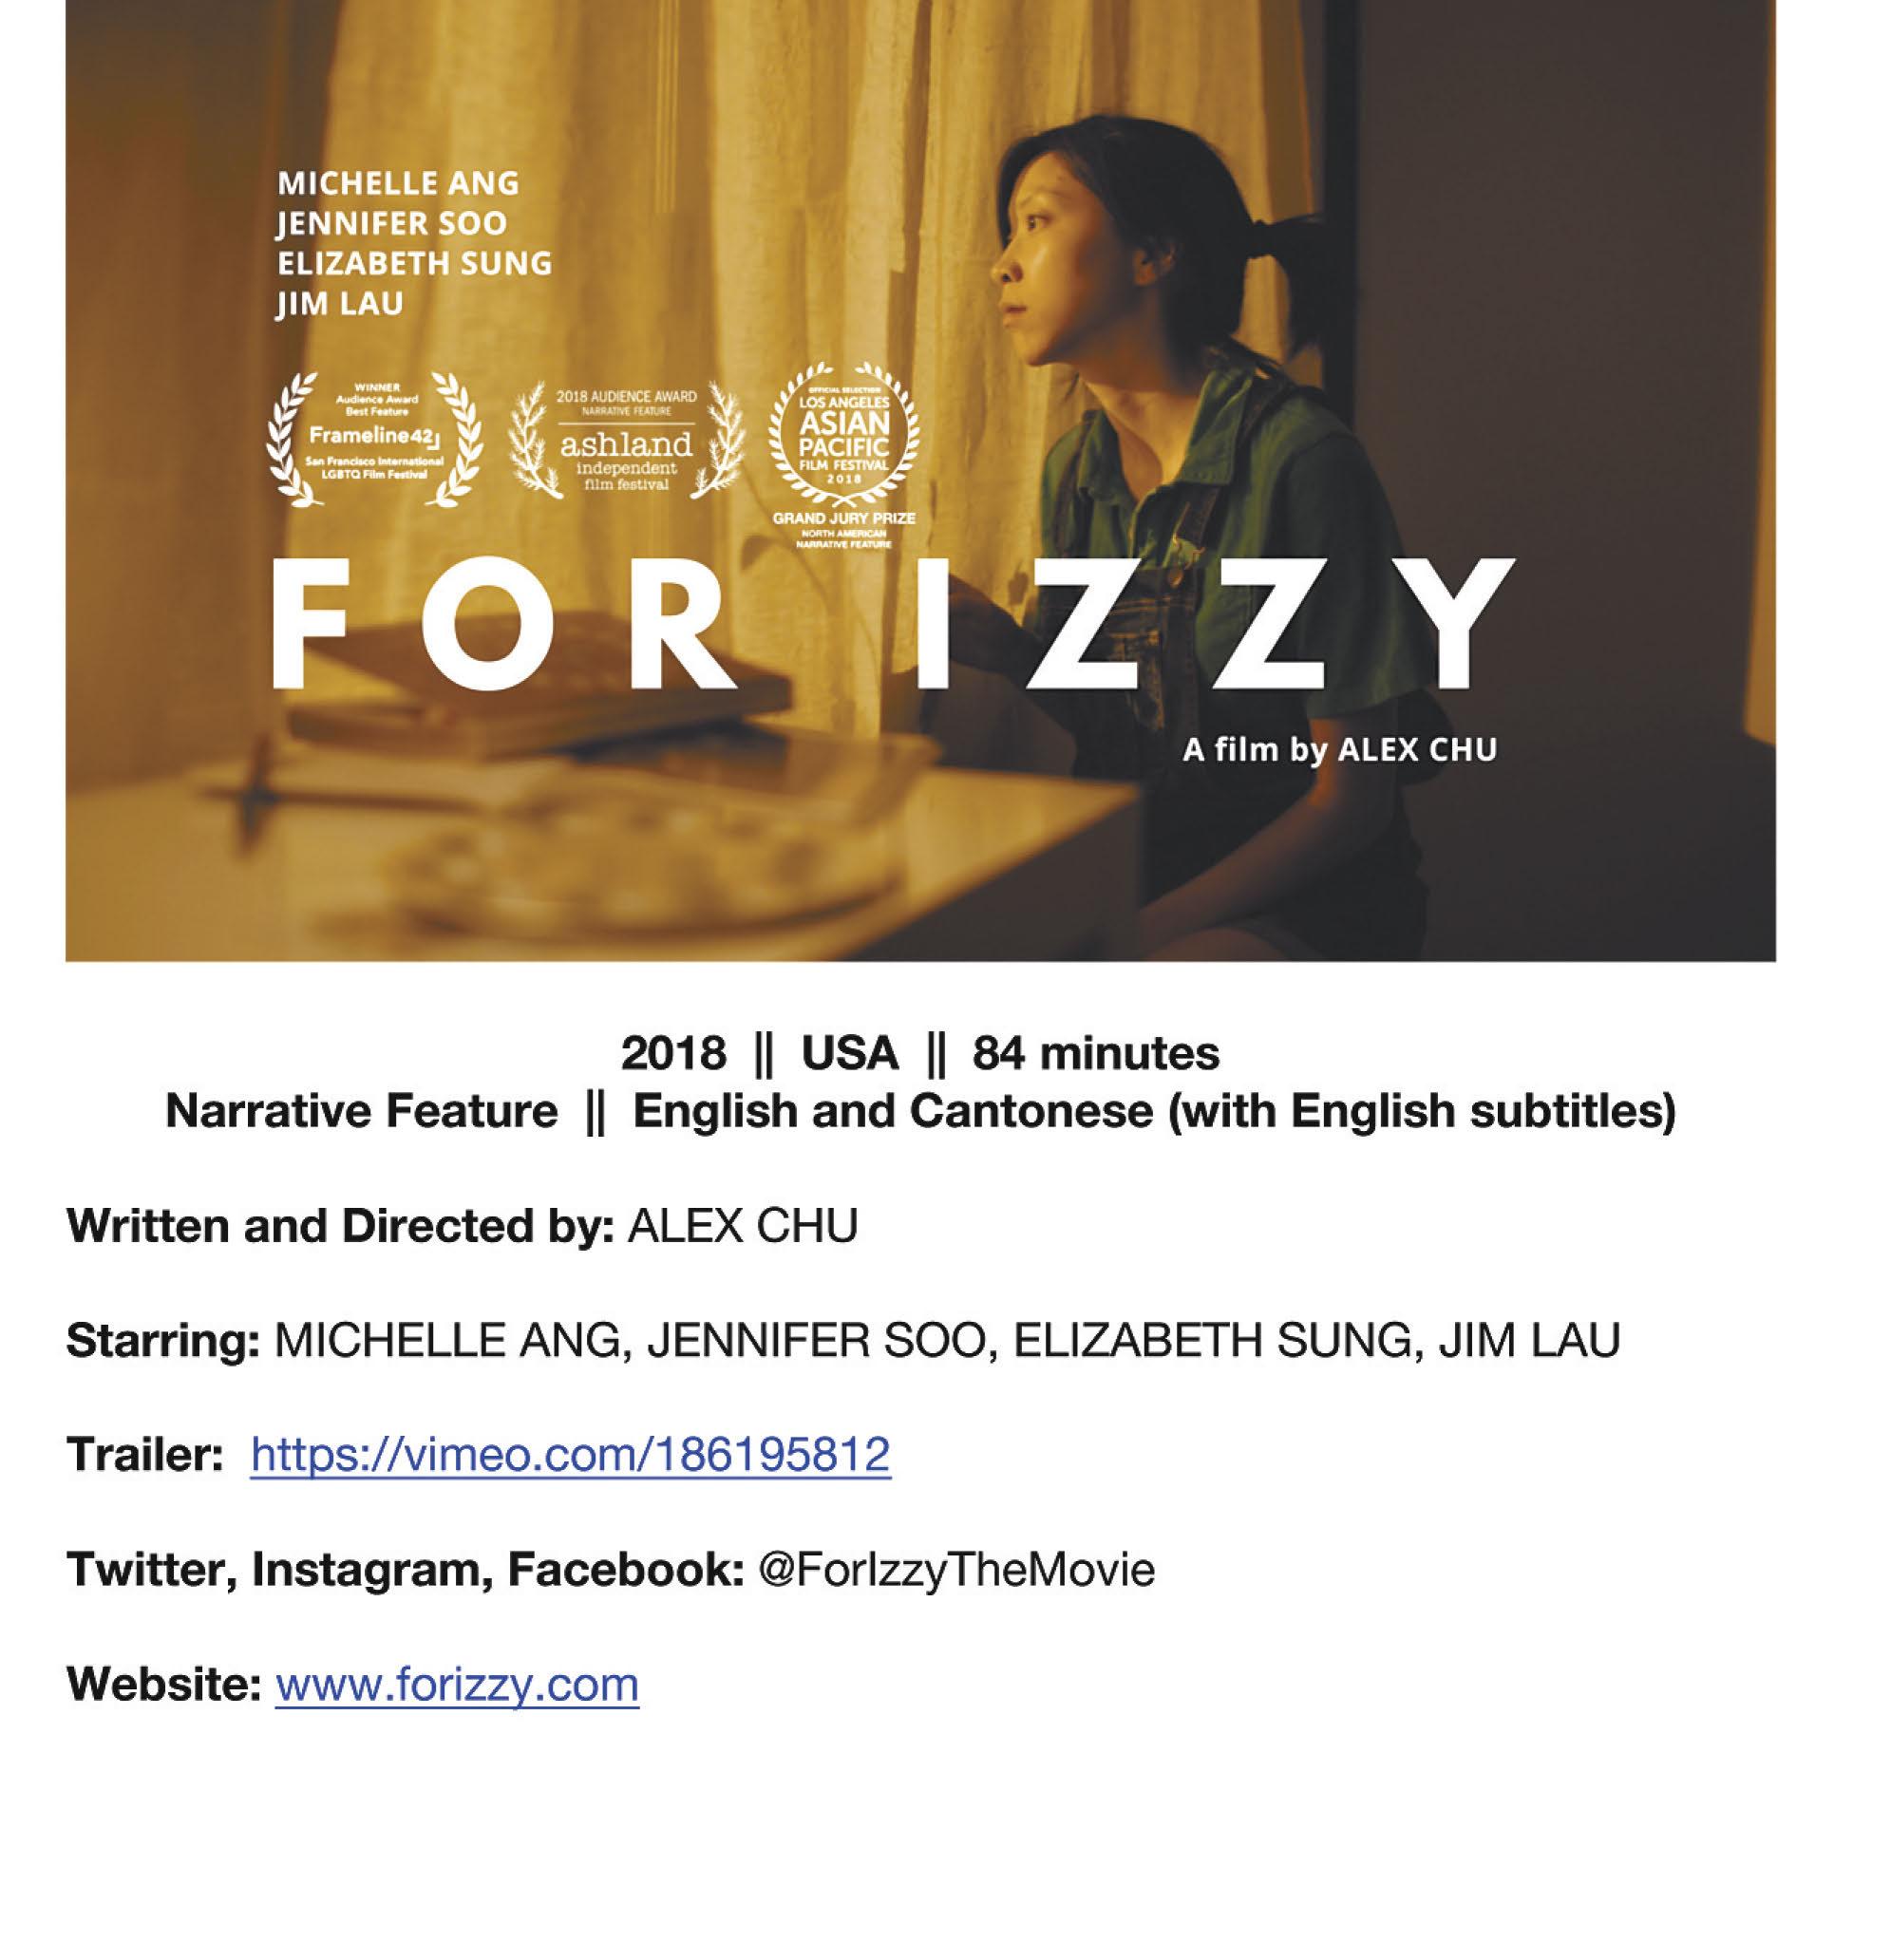 《你和我》講述華人移民家庭故事,橫掃各大電影節。《你和我》劇組提供